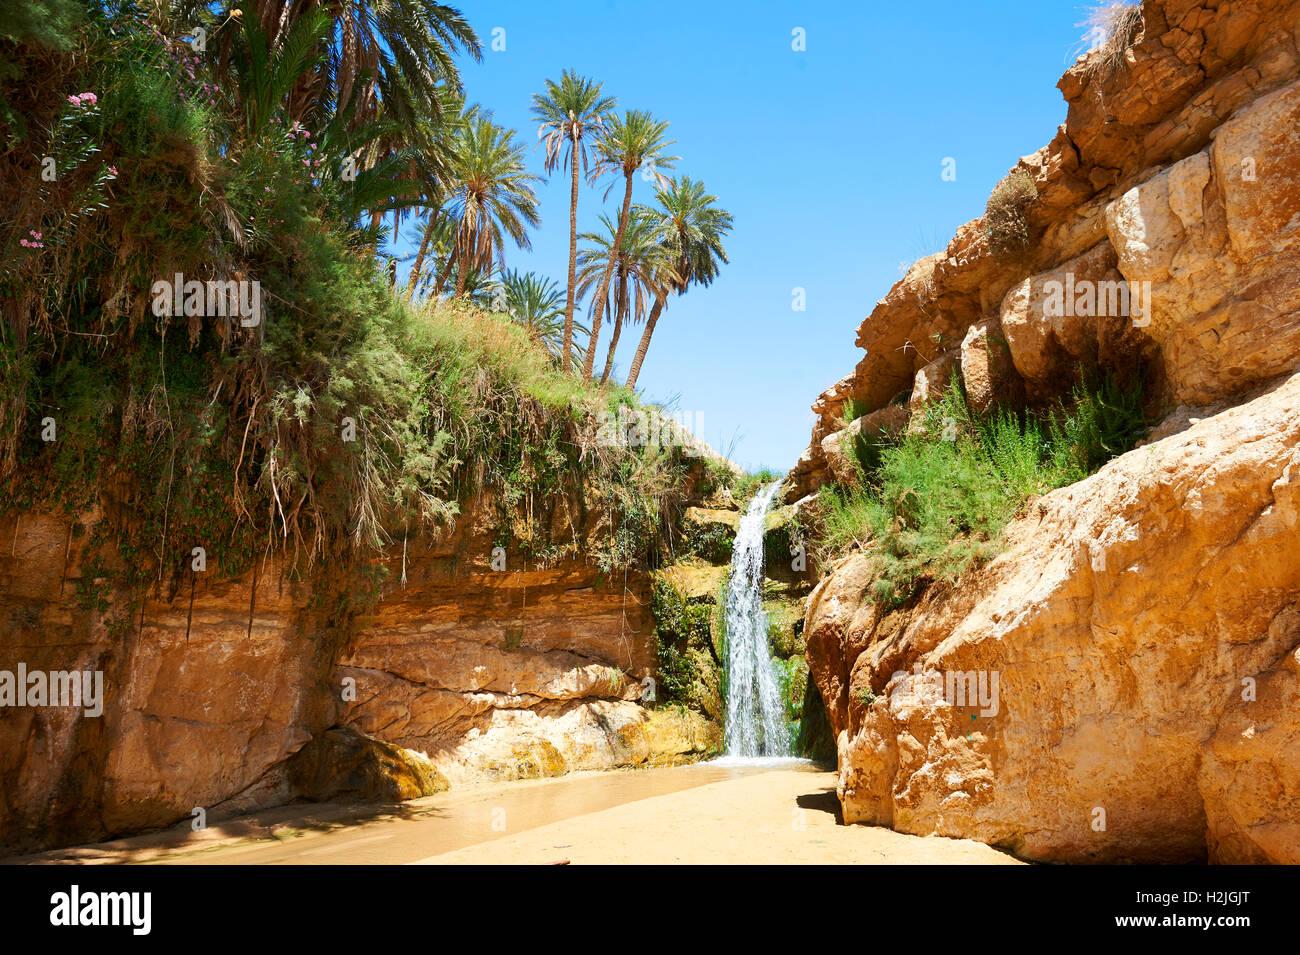 Mides Gorge cascata tra le palme da dattero del deserto del Sahara oasi di Mides, Tunisia, Nord Africa Immagini Stock